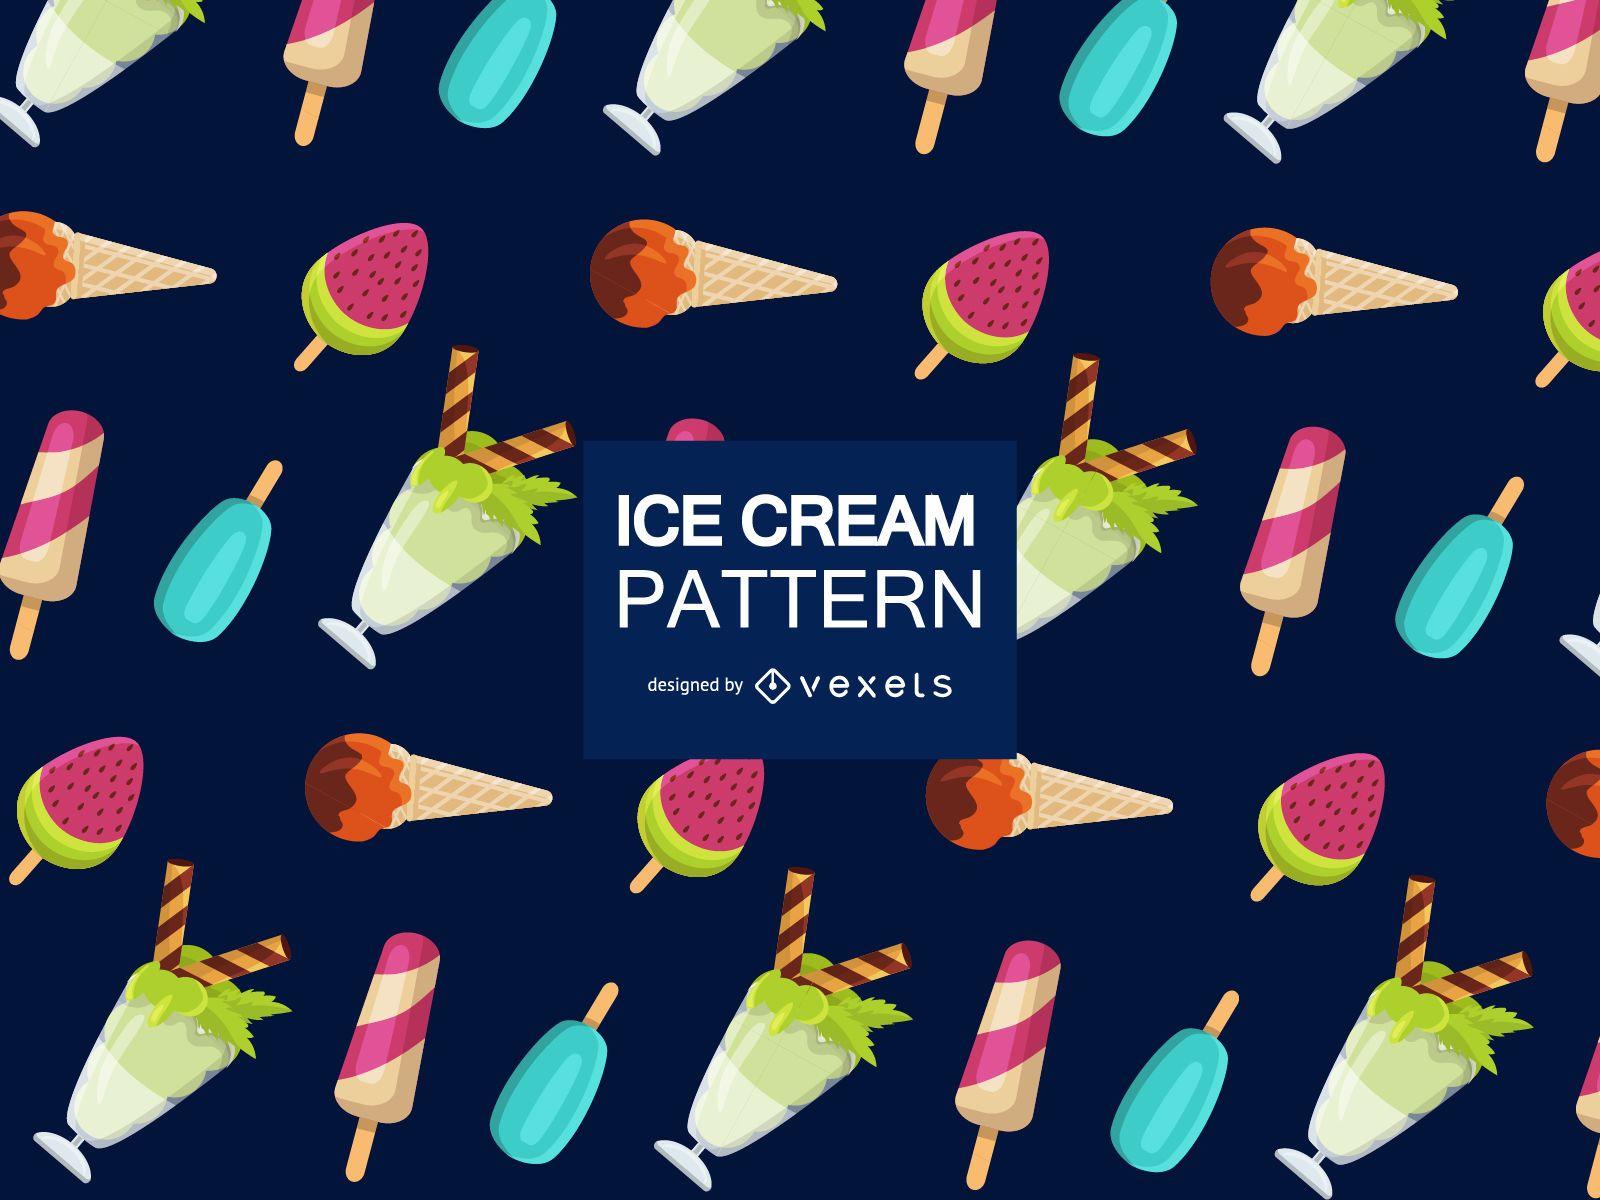 Patrón de helado dulce